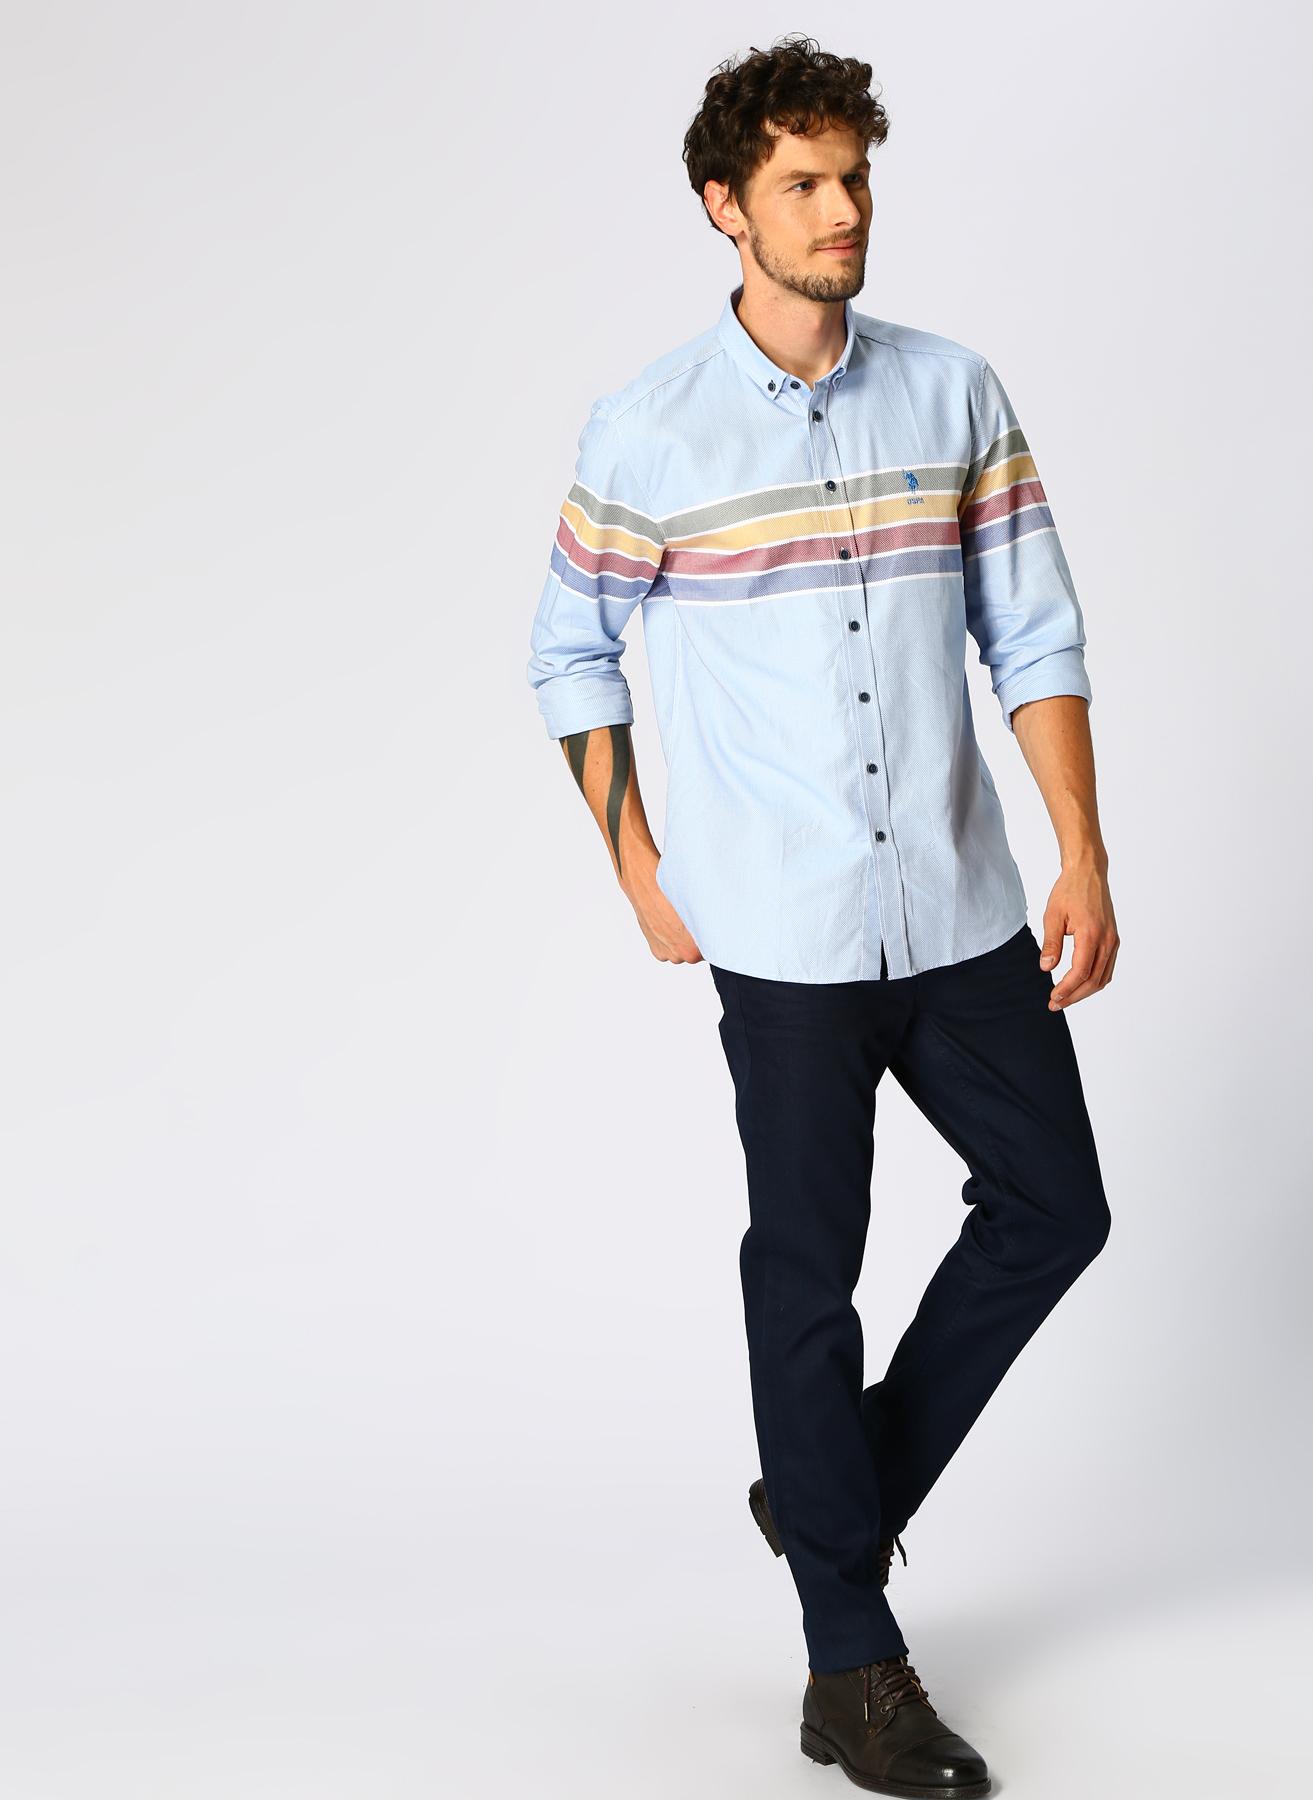 U.S. Polo Assn. Koyu Lacivert Denim Pantolon 30-32 5001704810005 Ürün Resmi